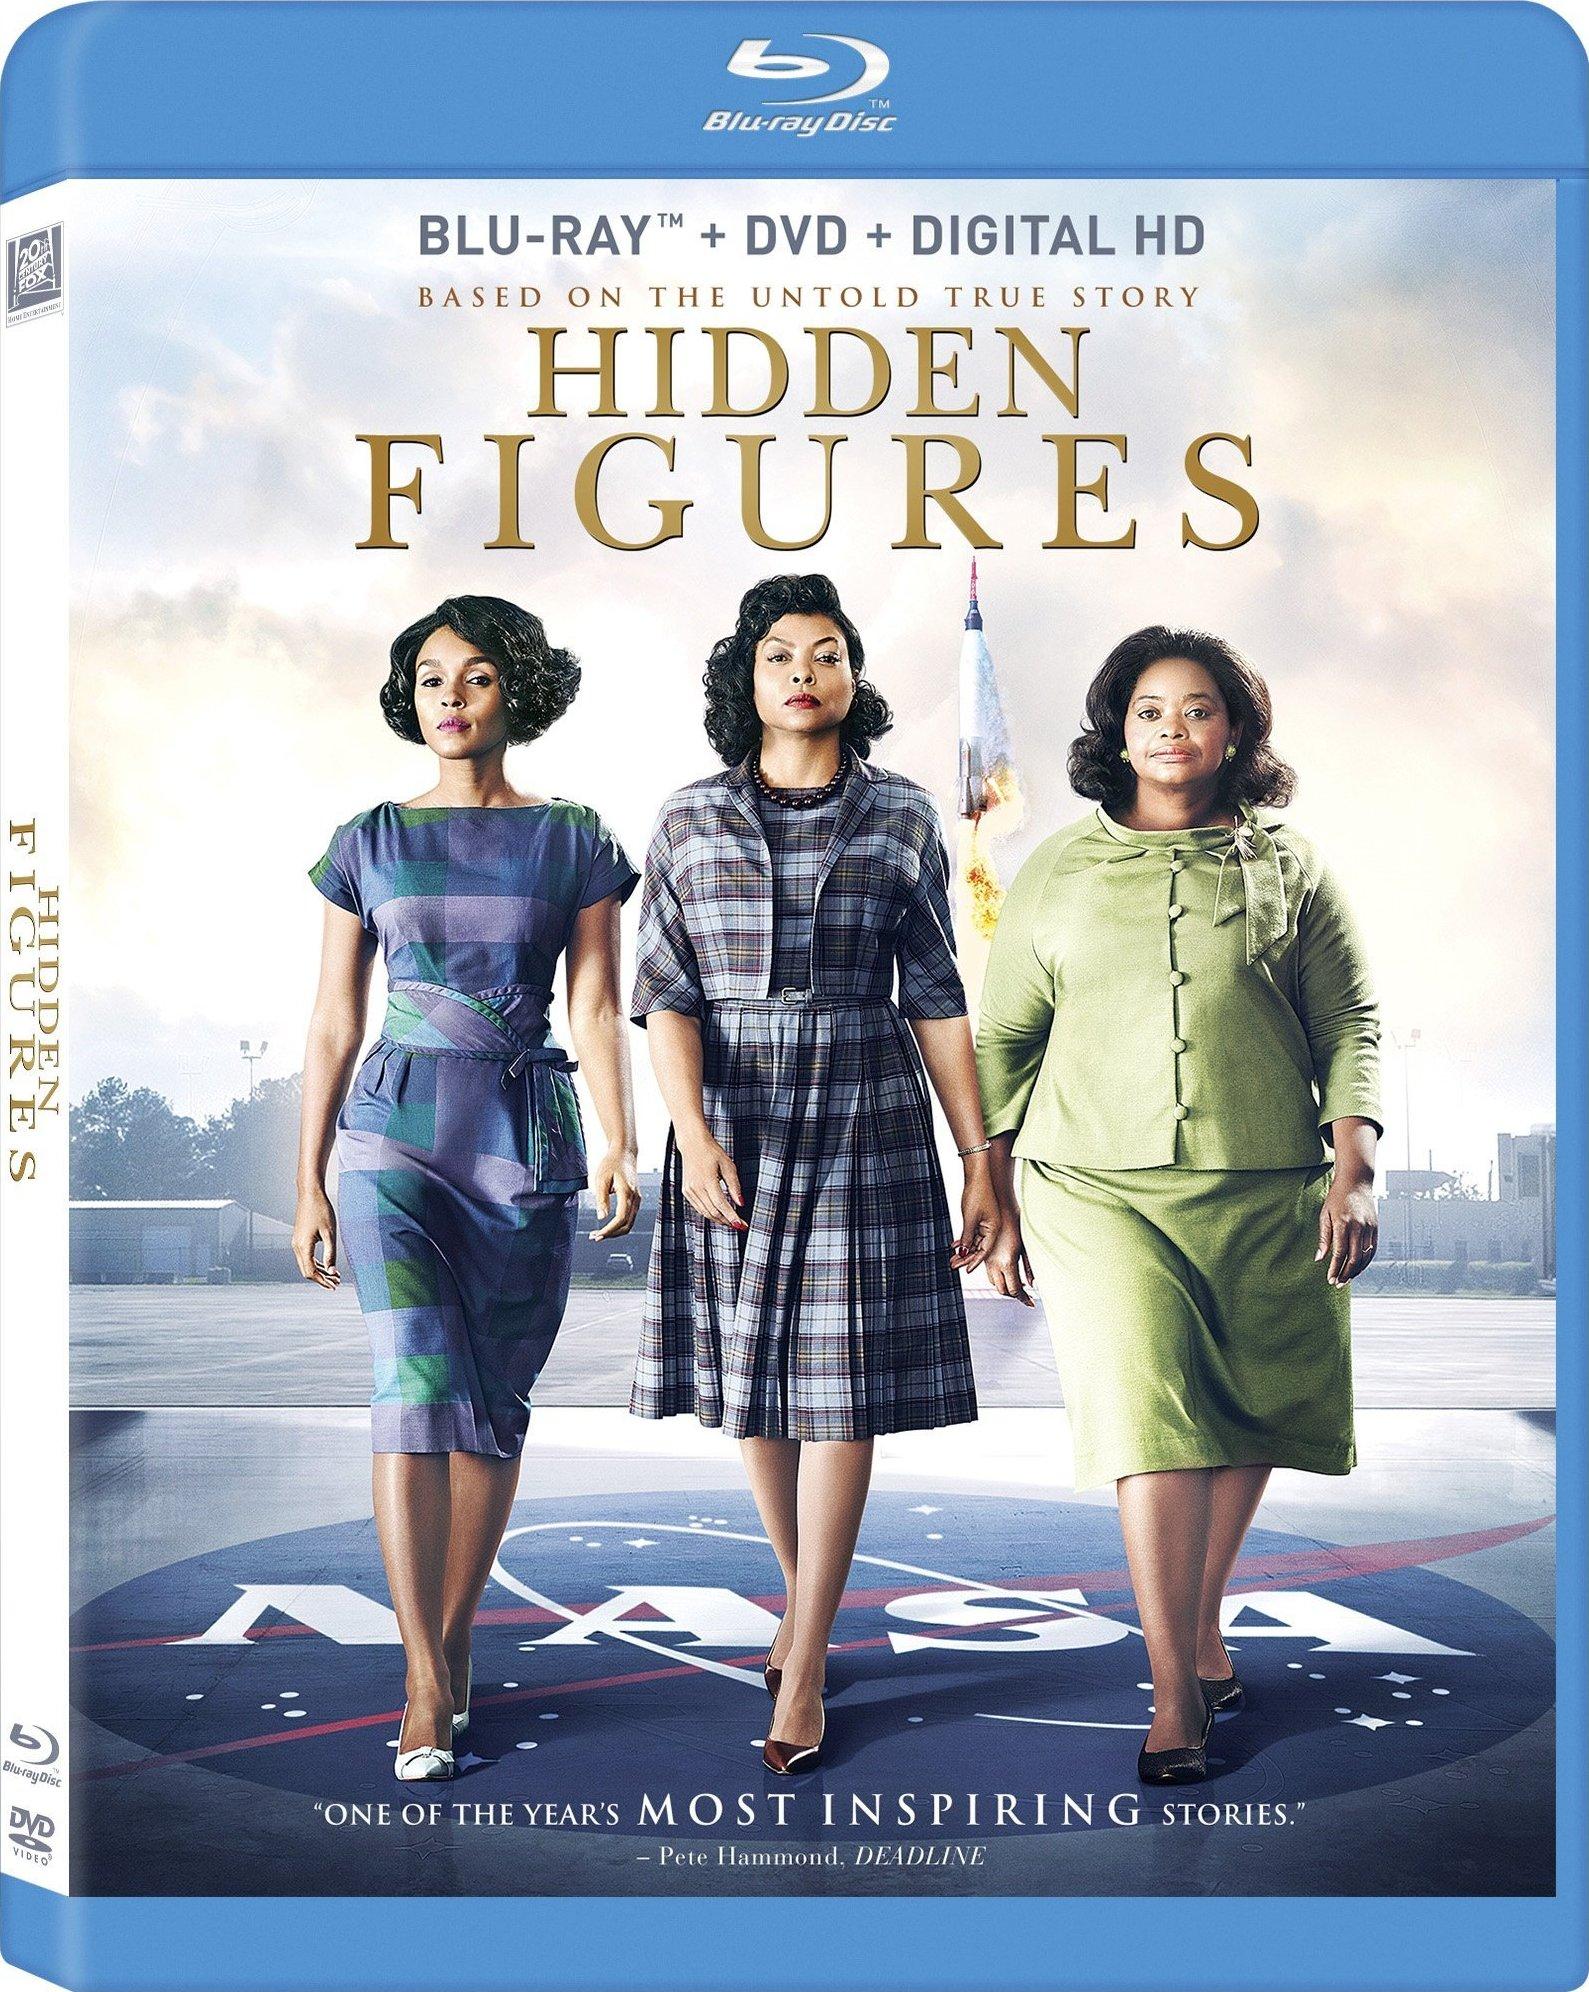 Hidden Figures (2016) poster image